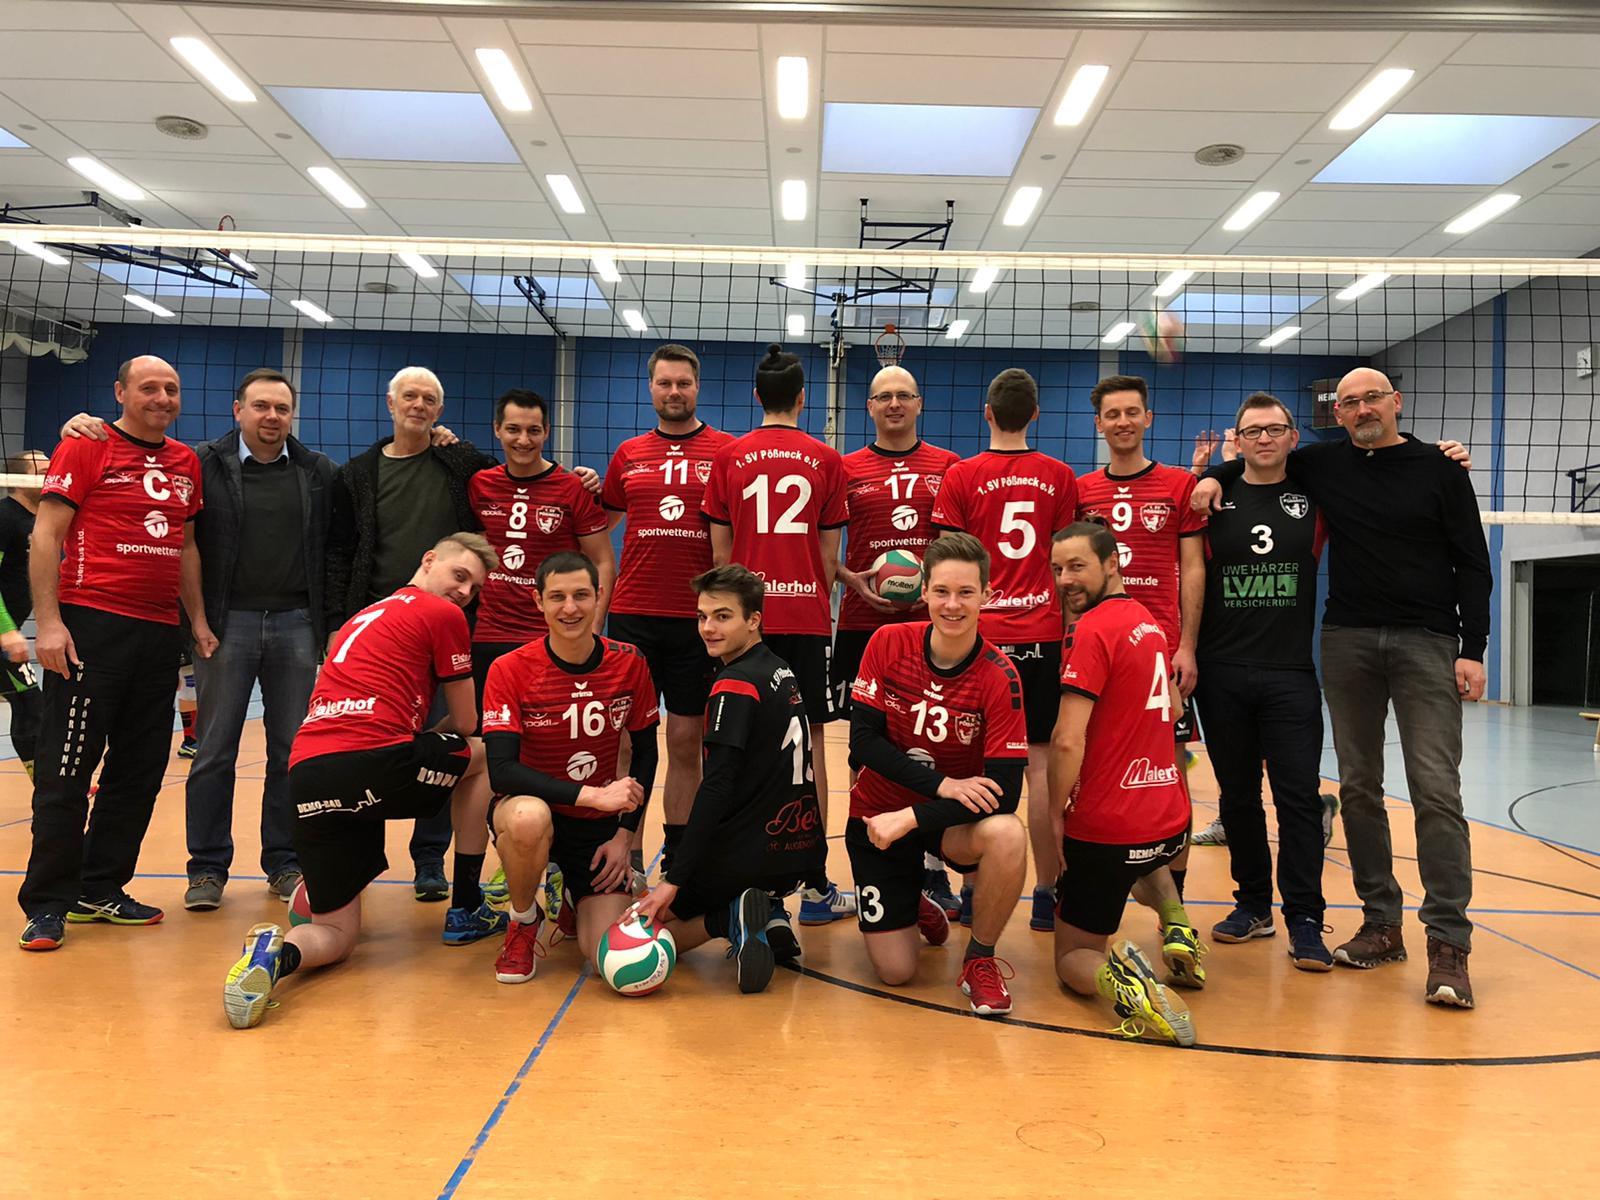 Bezirksliga Ost – Zurück auf dem Boden der Tatsachen – ein Sieg und die erste völlig verdiente Niederlage der Saison